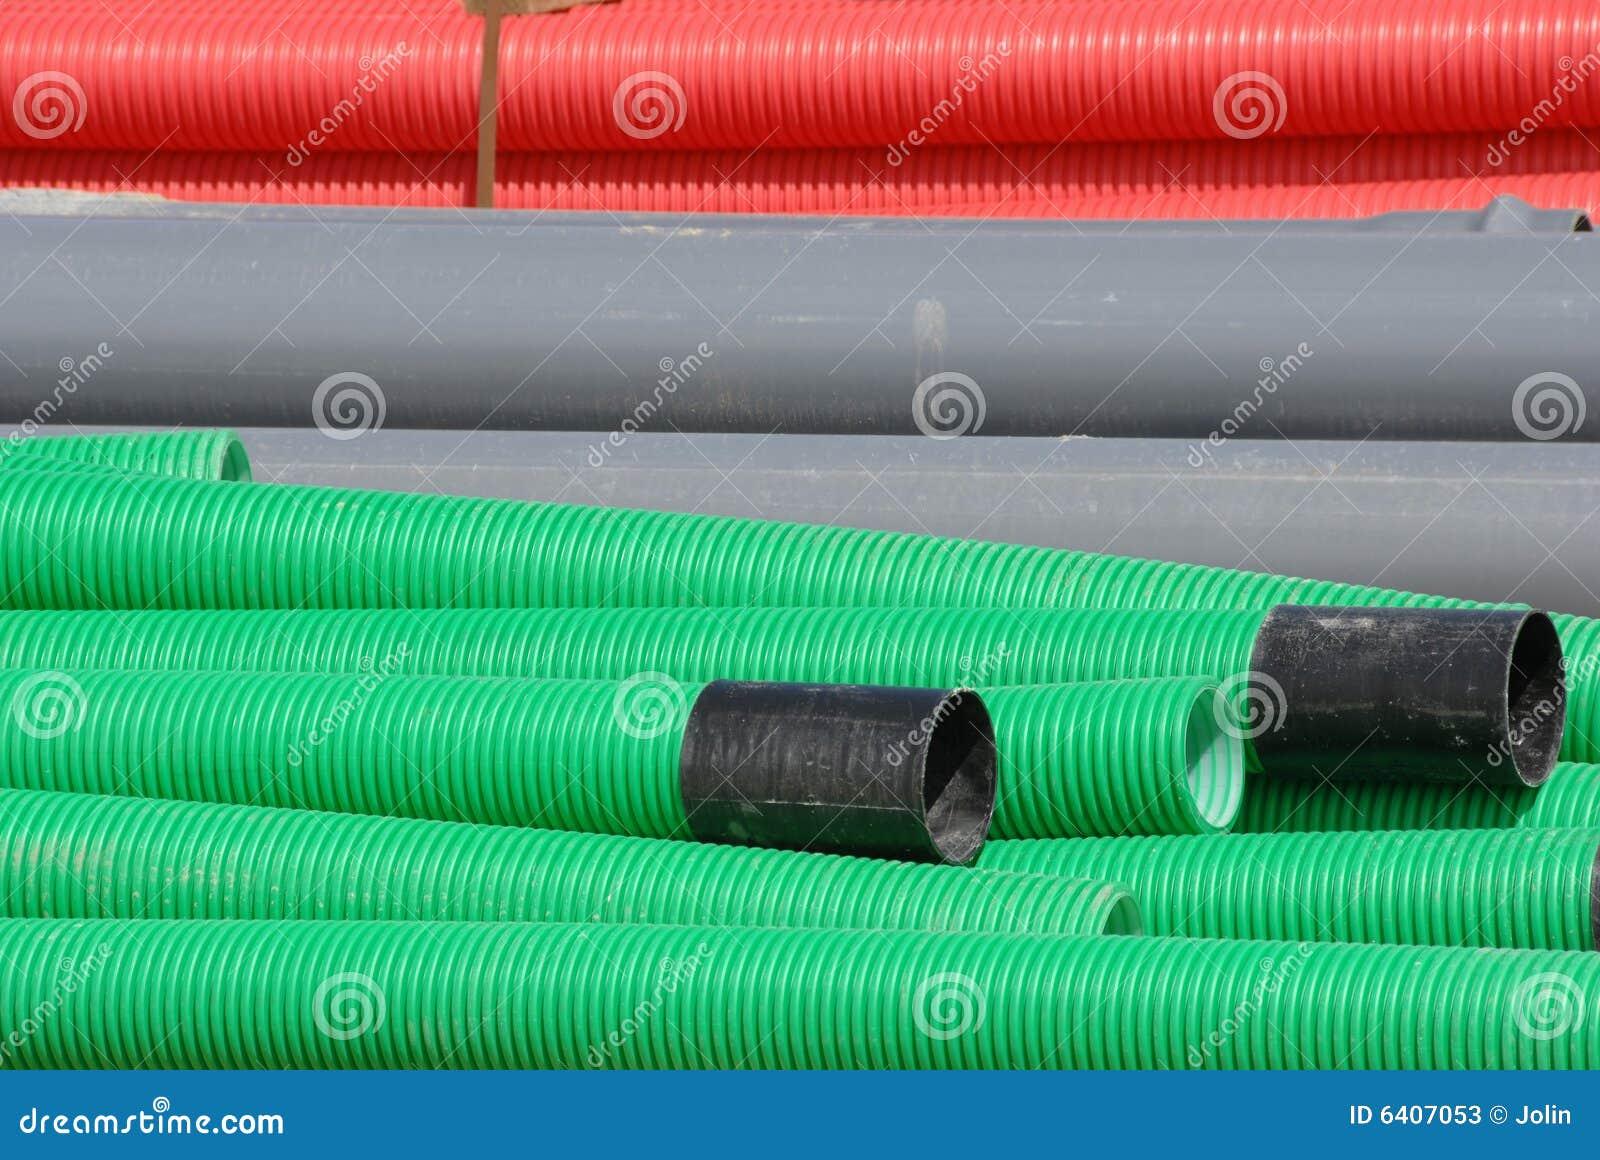 Erstaunlich Bunte Flexible Rohre In Der Baustelle Stockfotos - Bild: 6407053 QI62